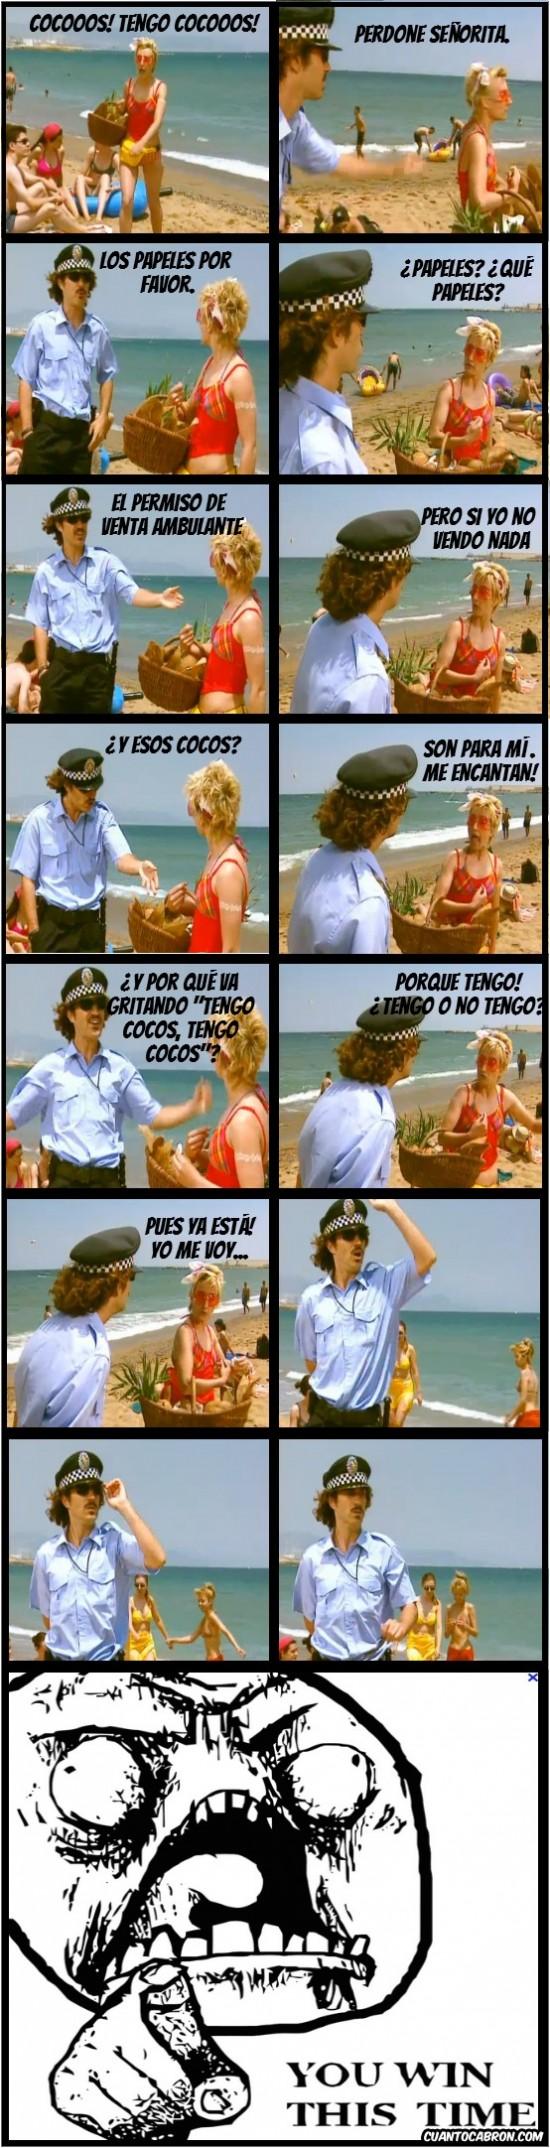 Otros - ¡Cocooos! ¡Tengo cocooos!